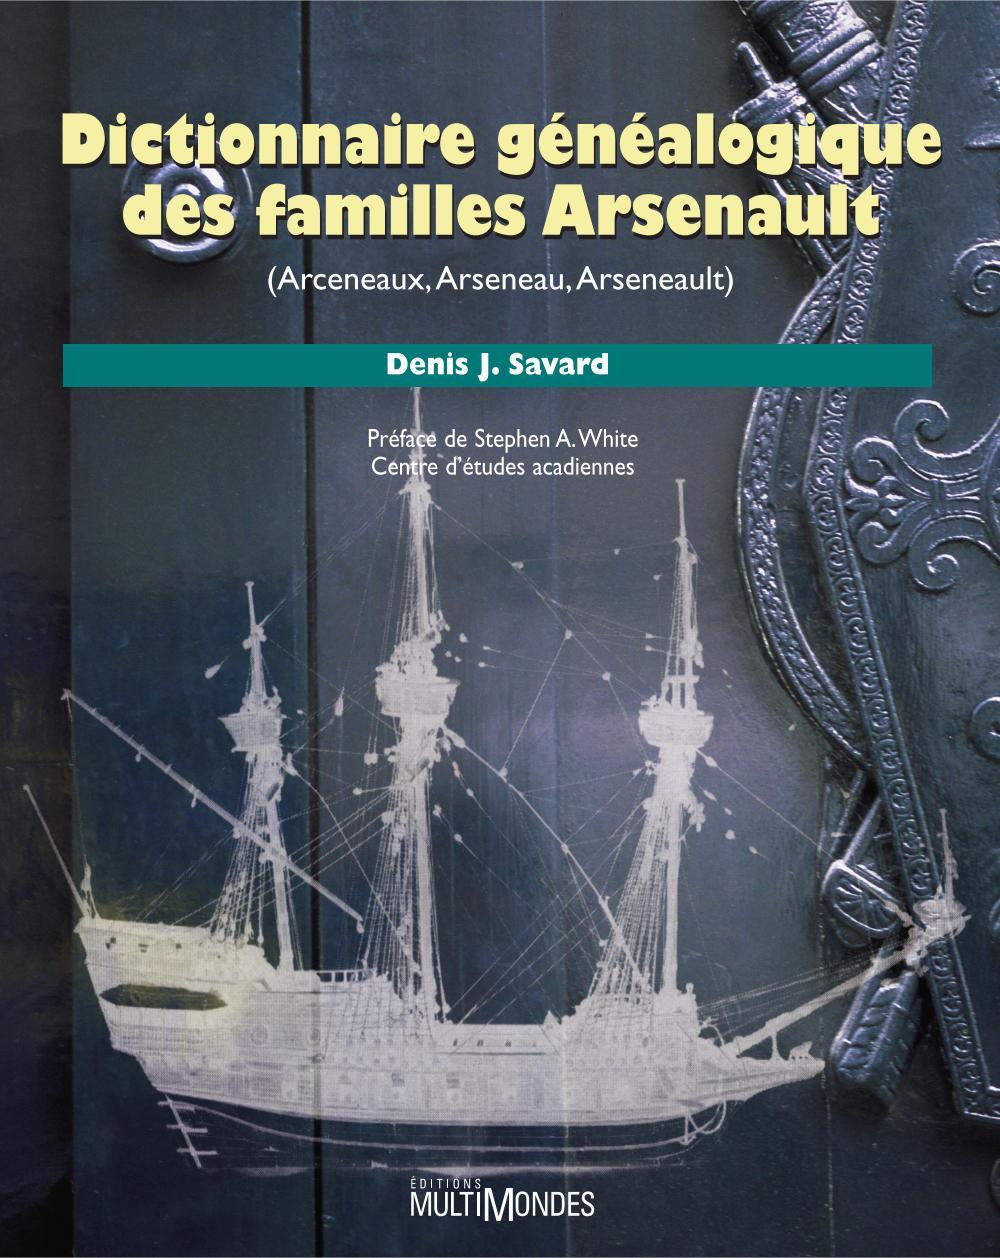 DICTIONNAIRE GENEALOGIQUE DES FAMILLES ARSENAULT (ARCENEAUX, ARSENEAU, ARSENEAULT)